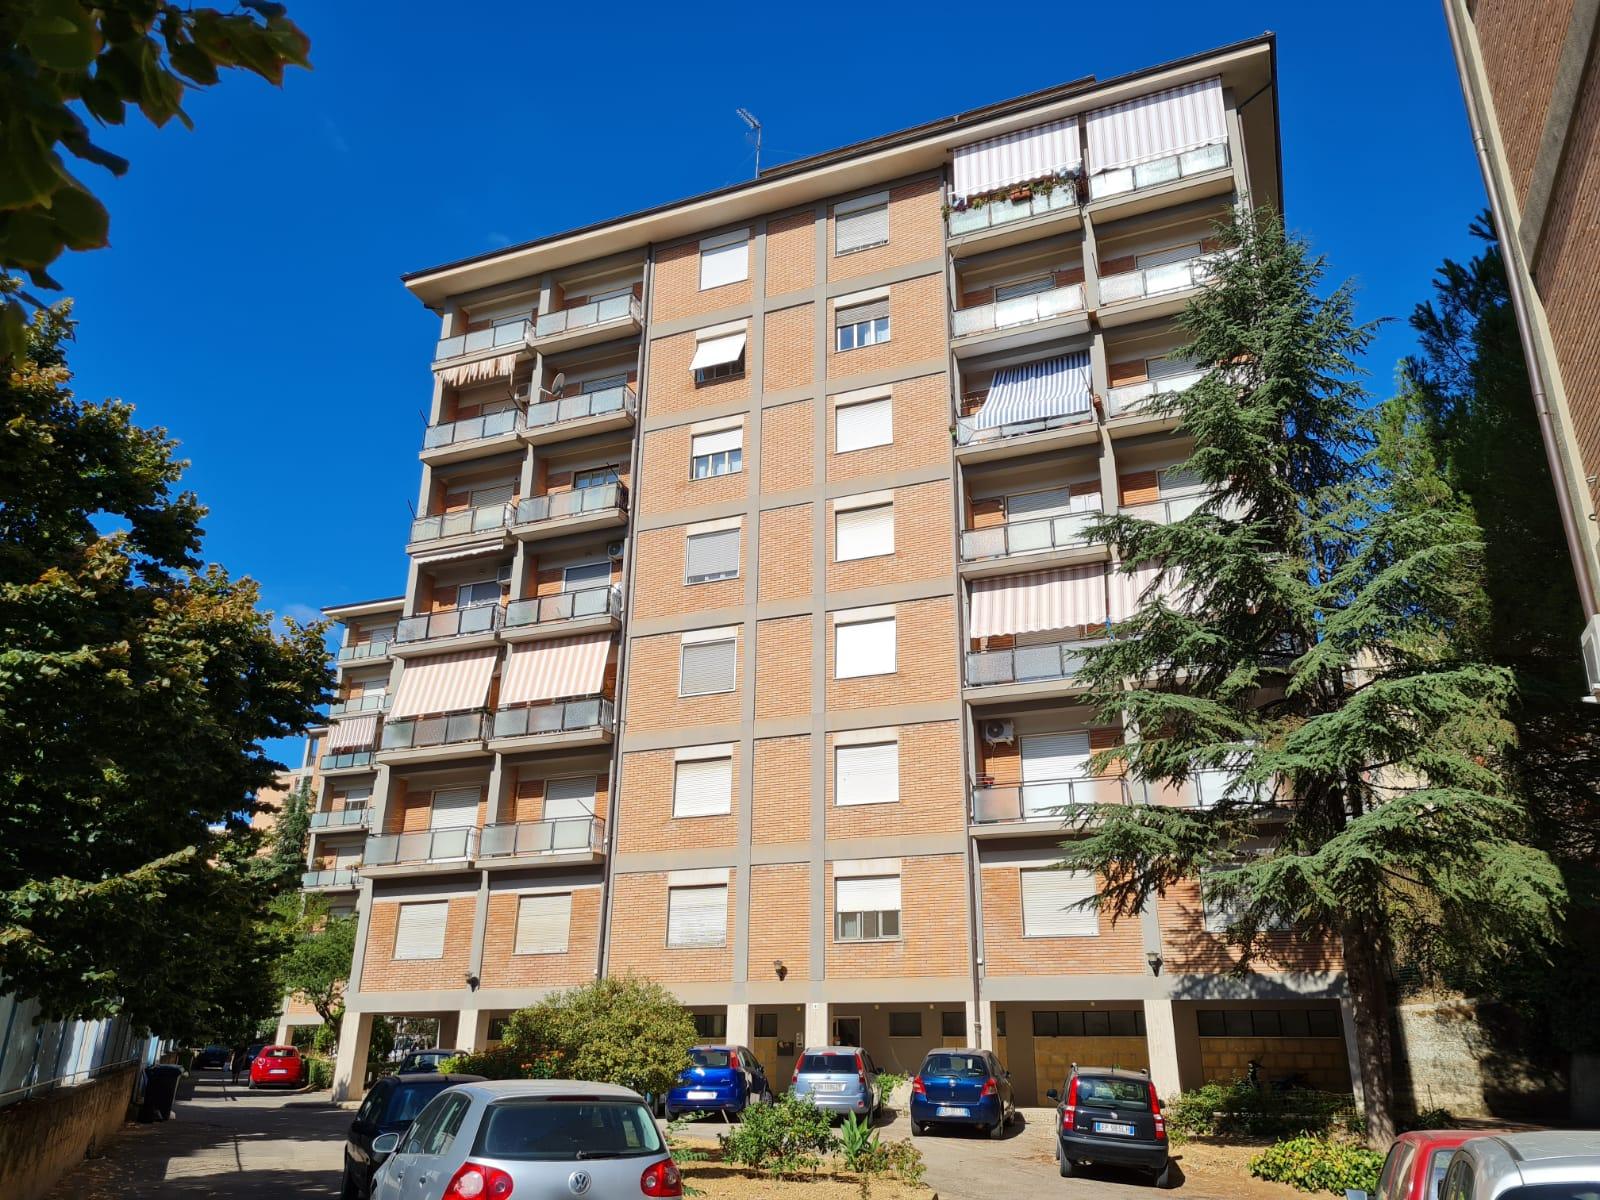 Appartamento ristrutturato in Via Turati